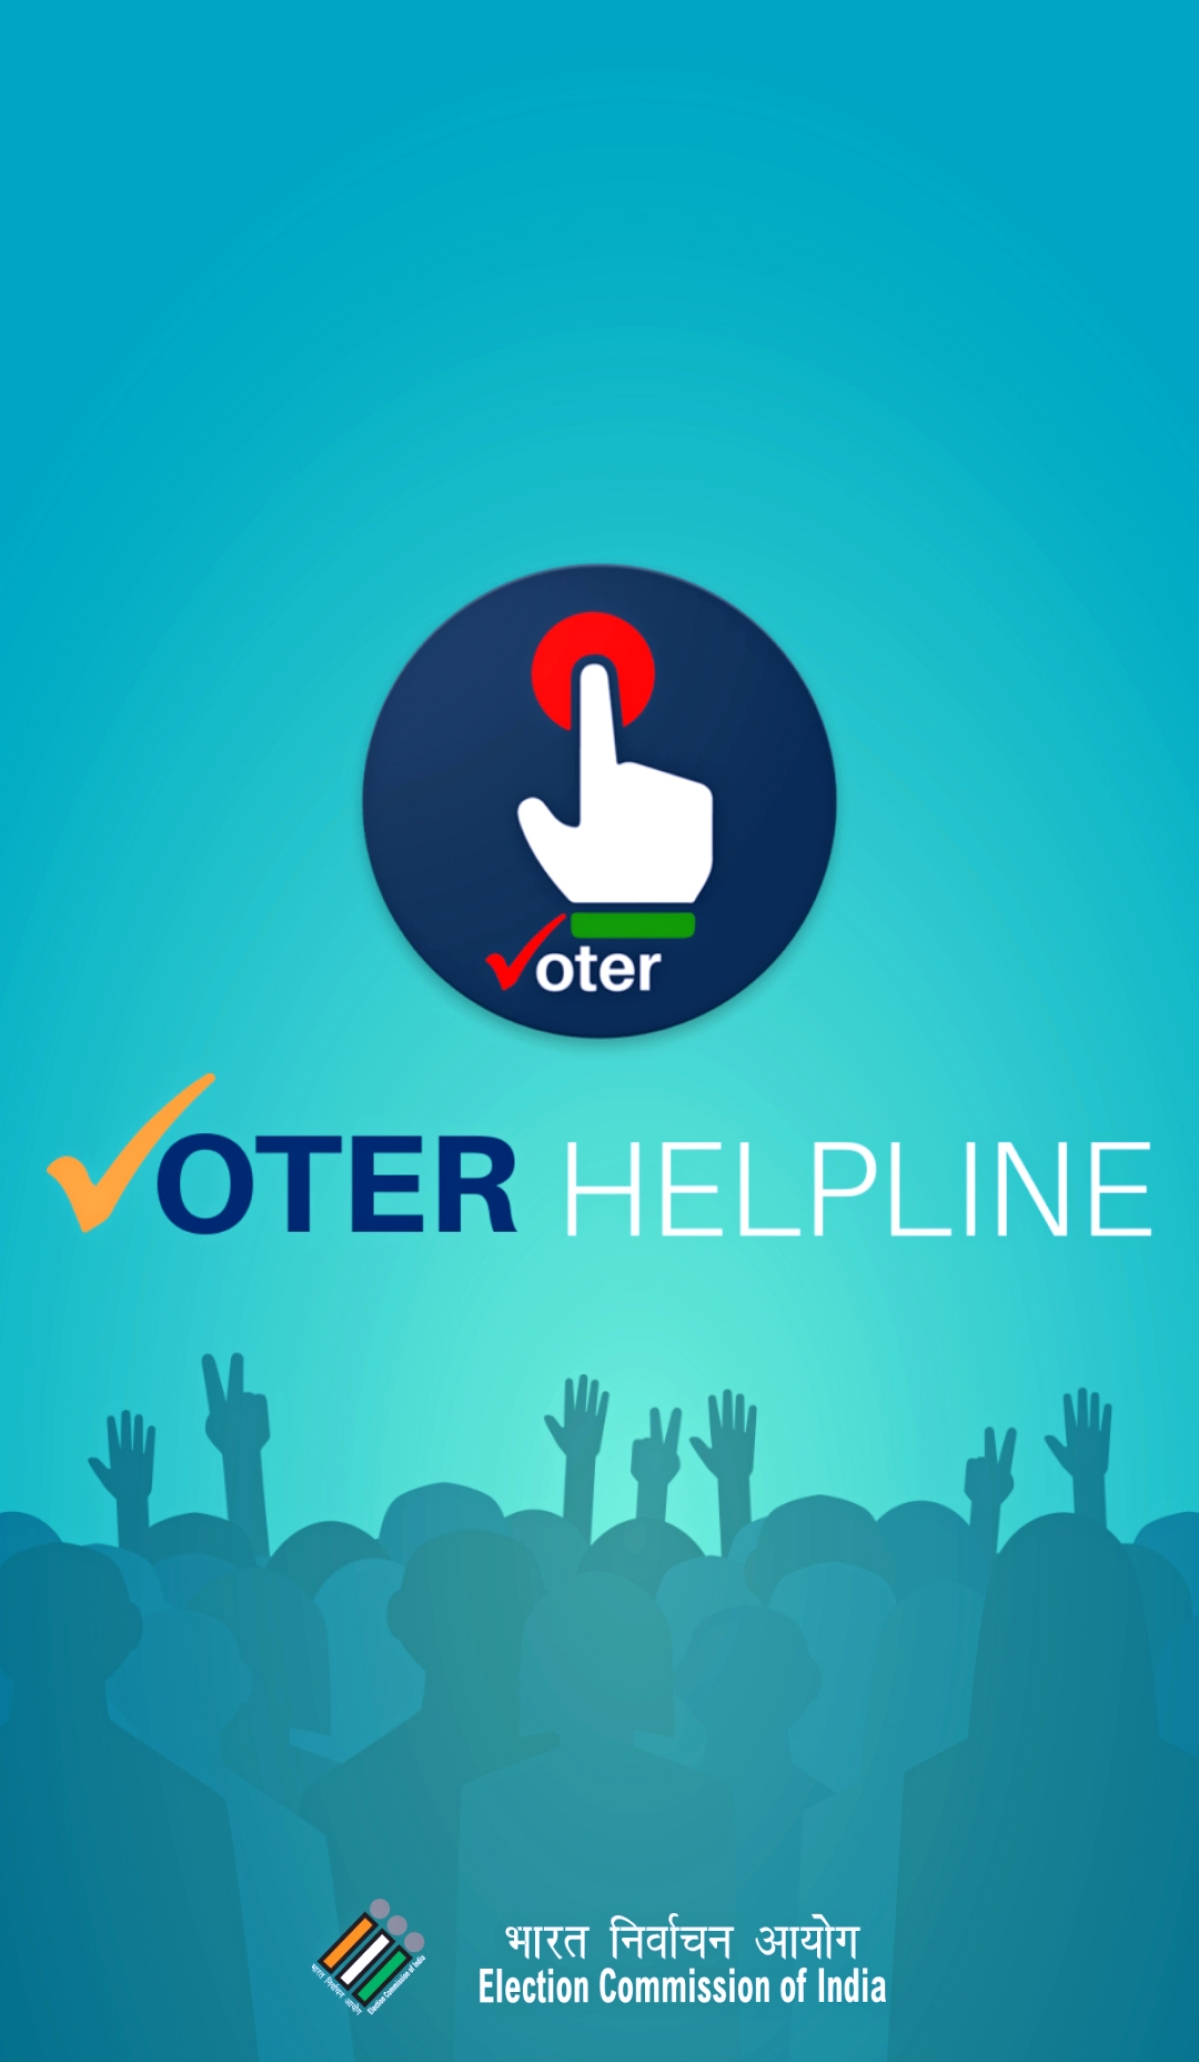 VOTER HELPLINE APP